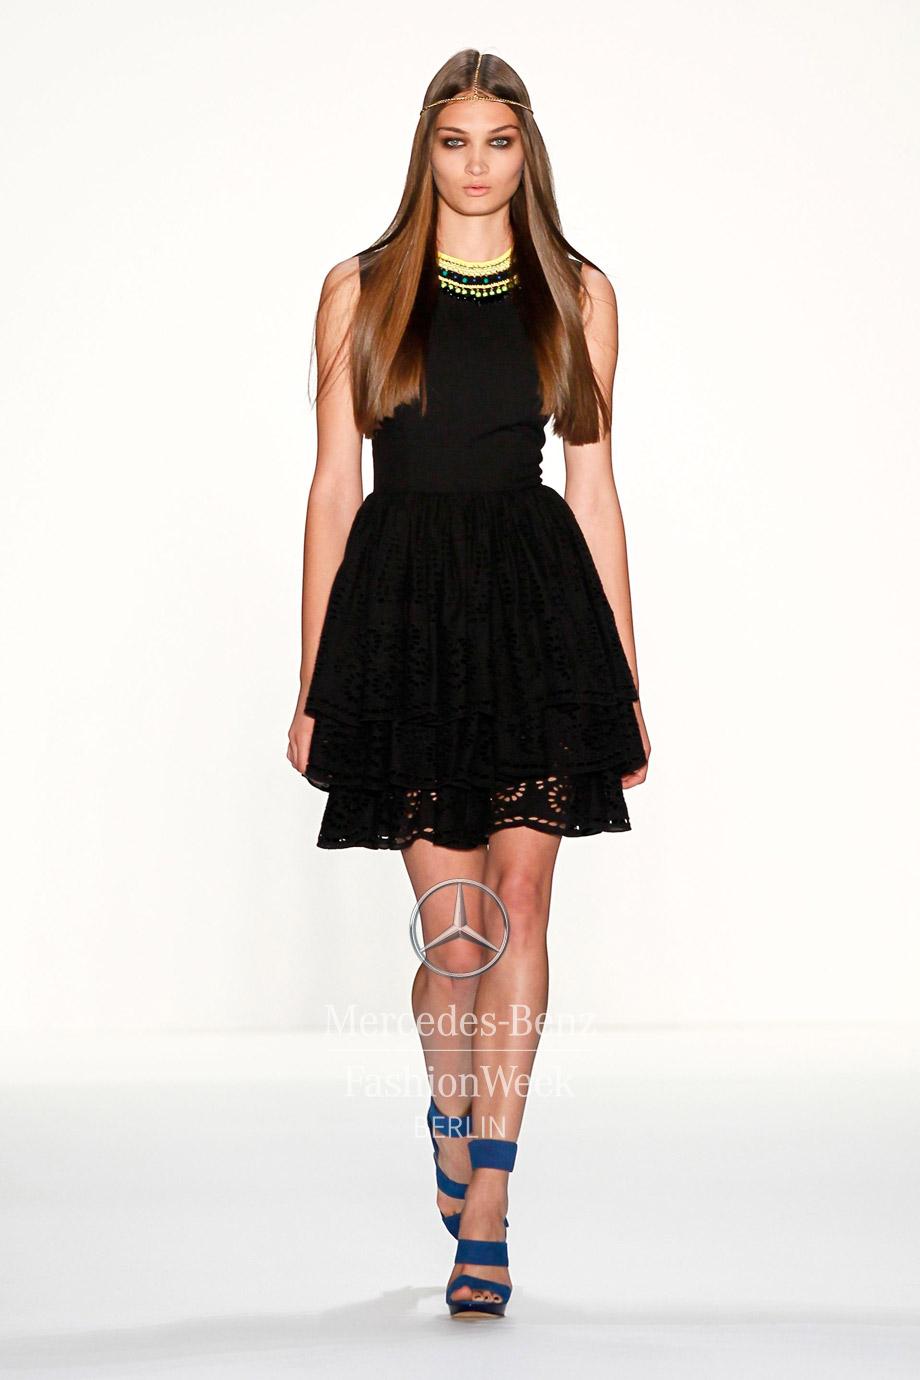 Модная Одежда 2015 Женская Доставка